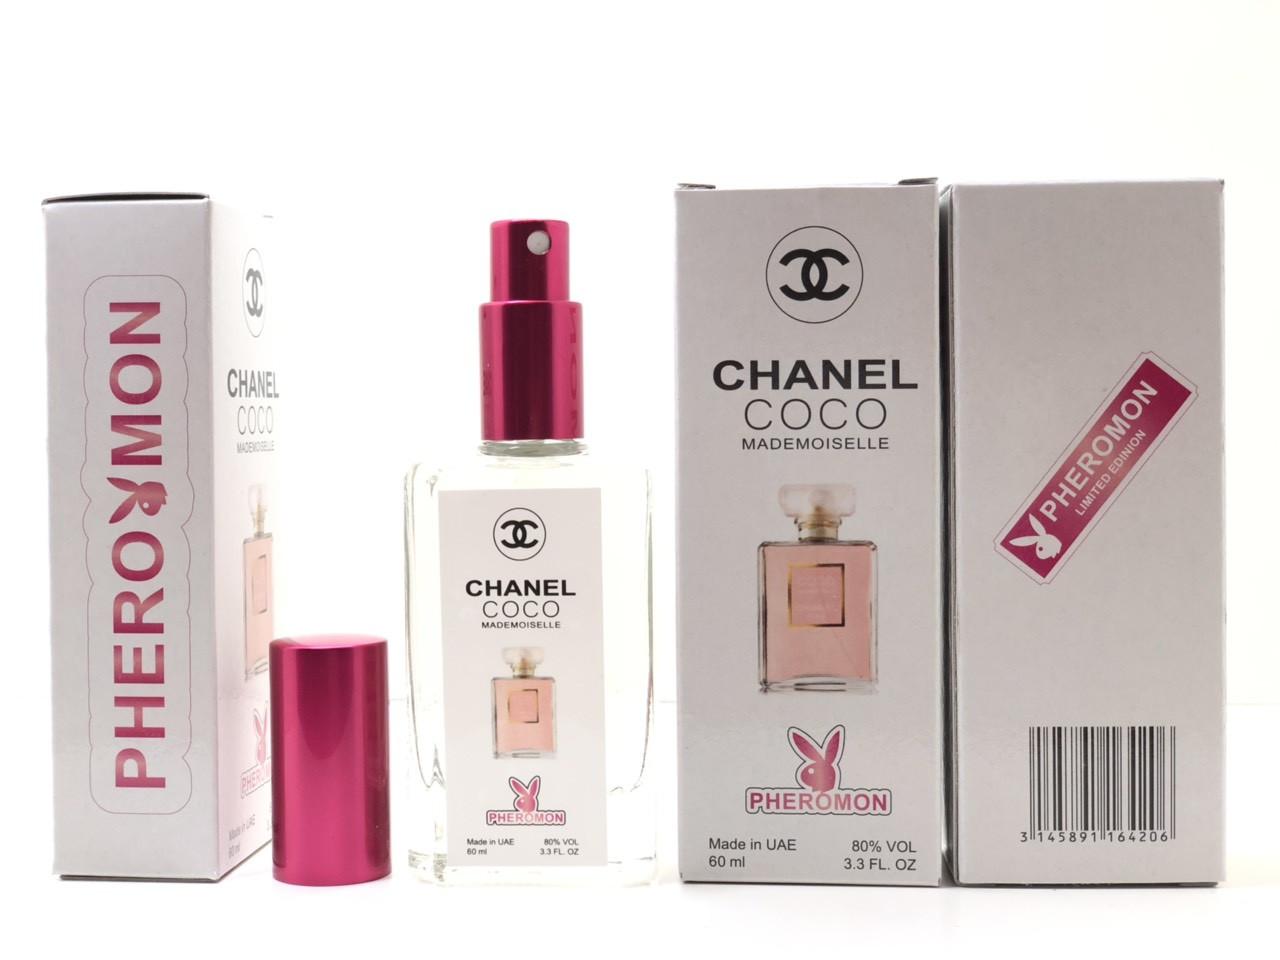 Женский парфюм Coco Chanel Mademoiselle тестер 60 ml в цветной упаковке с феромонами (реплика)